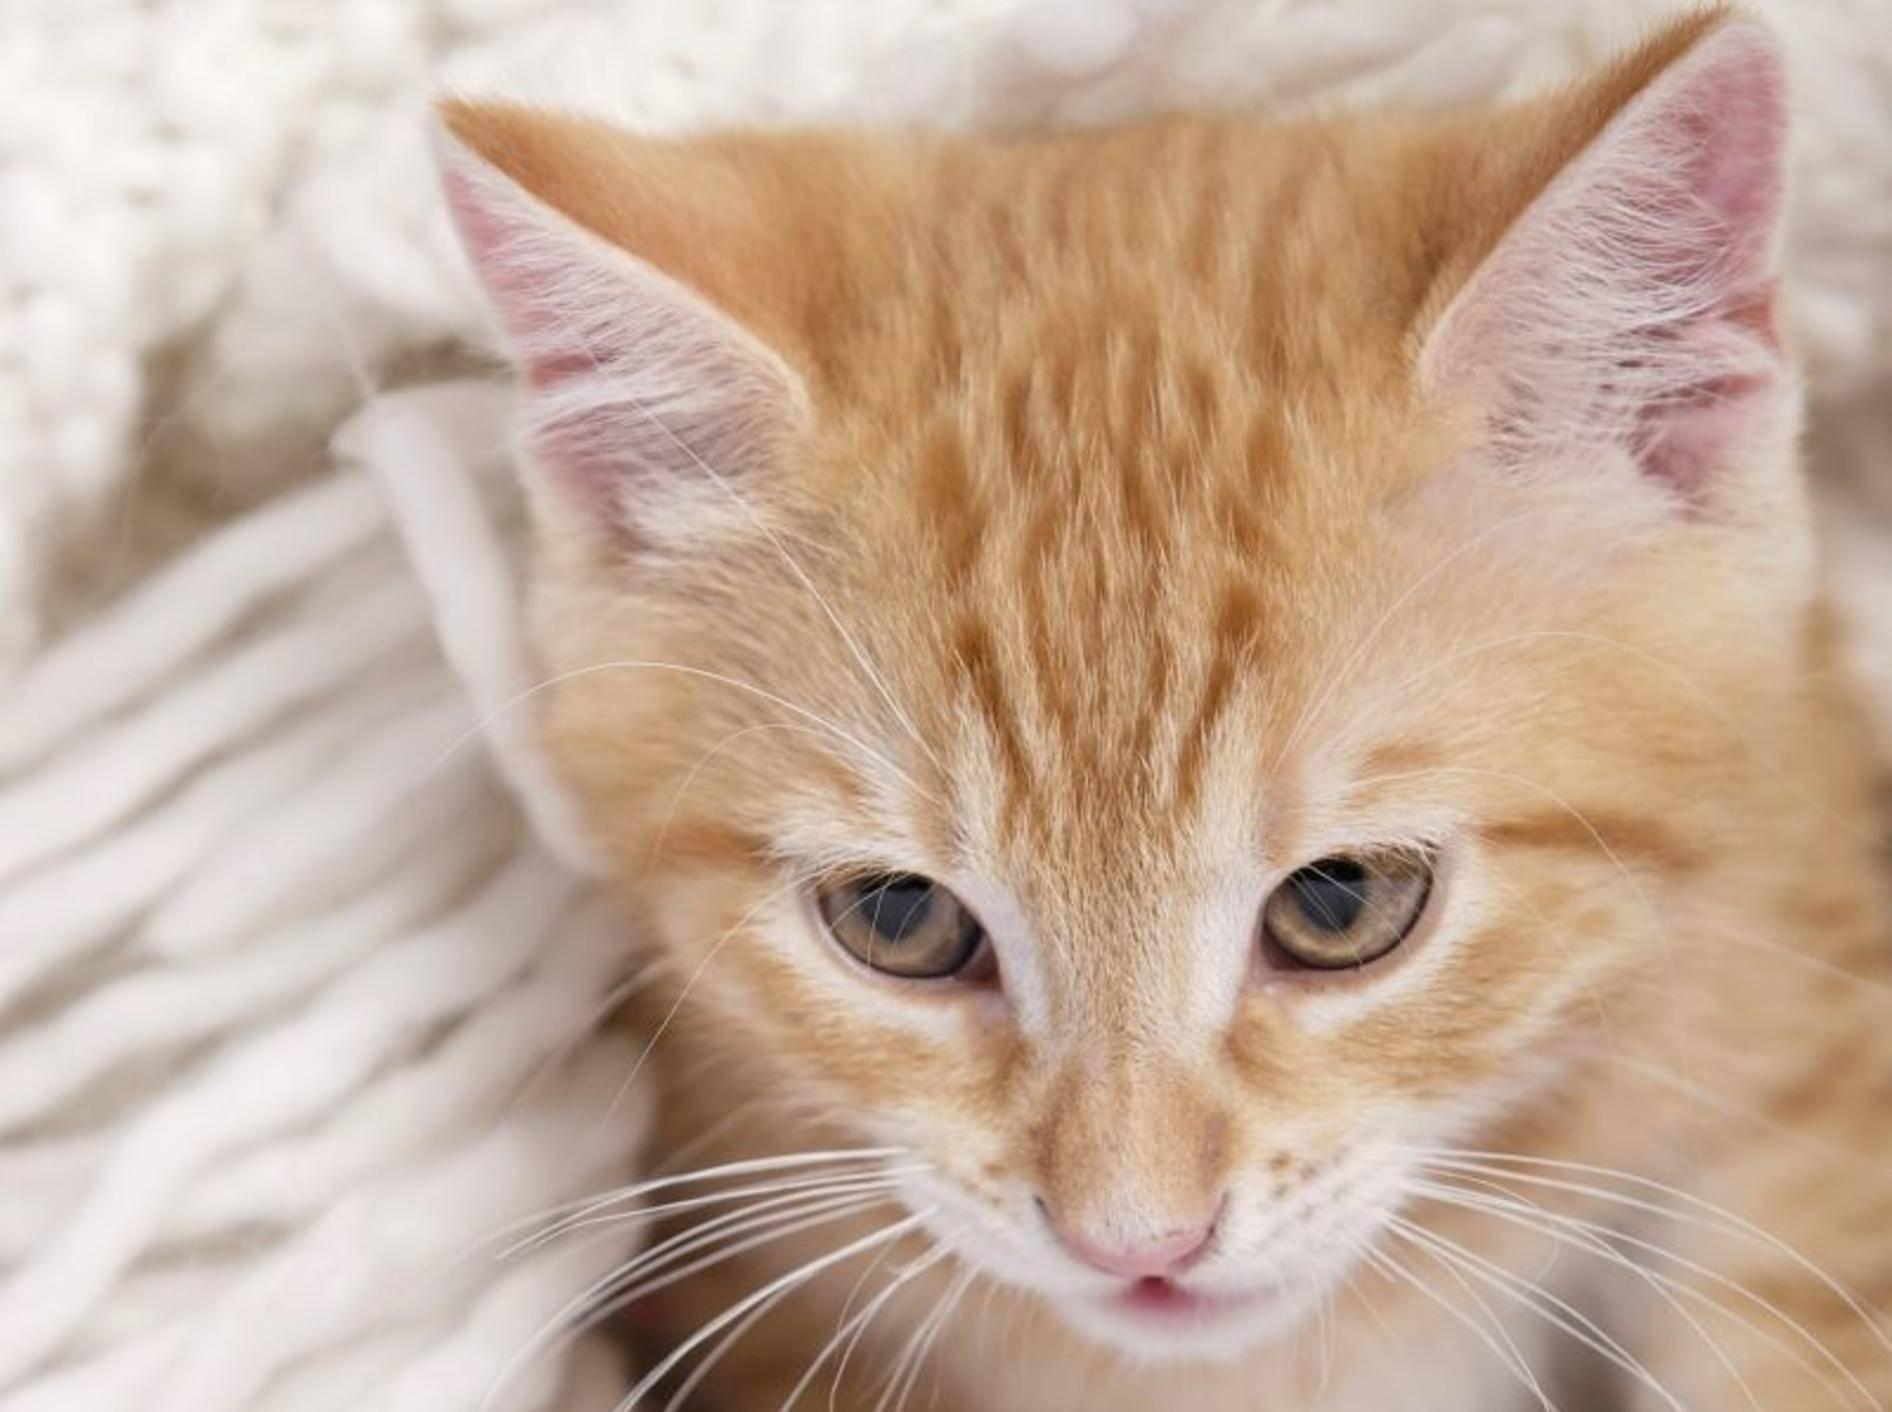 Asthma bei Katzen äußert sich durch Husten und Atemnot — Bild: Shutterstock / Hannes Eichinger